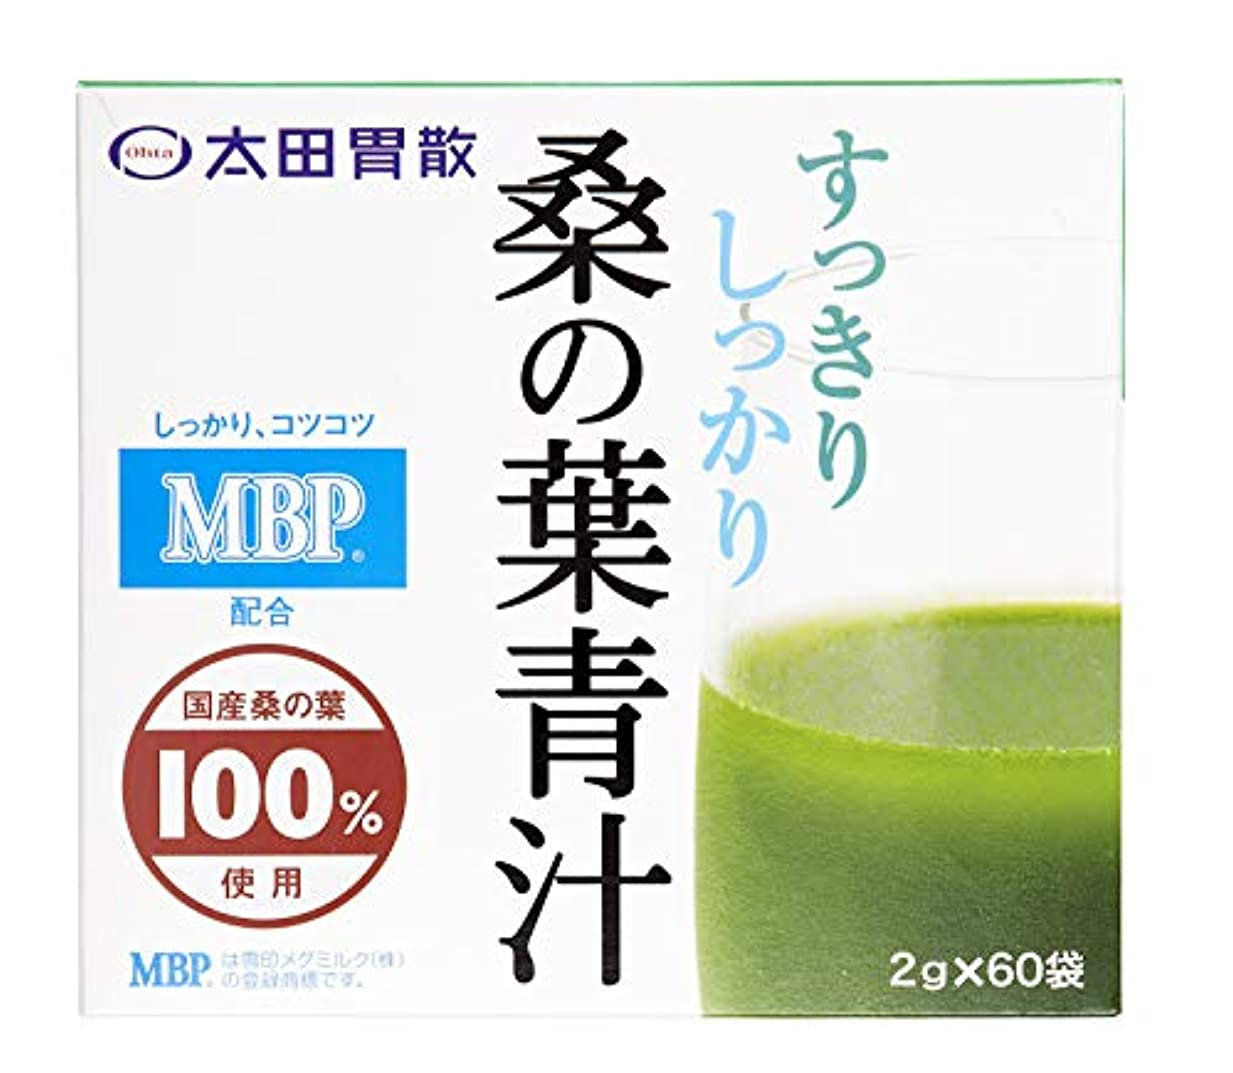 振動する泥沼量太田胃散 桑の葉青汁 60袋入り(2g×60袋)